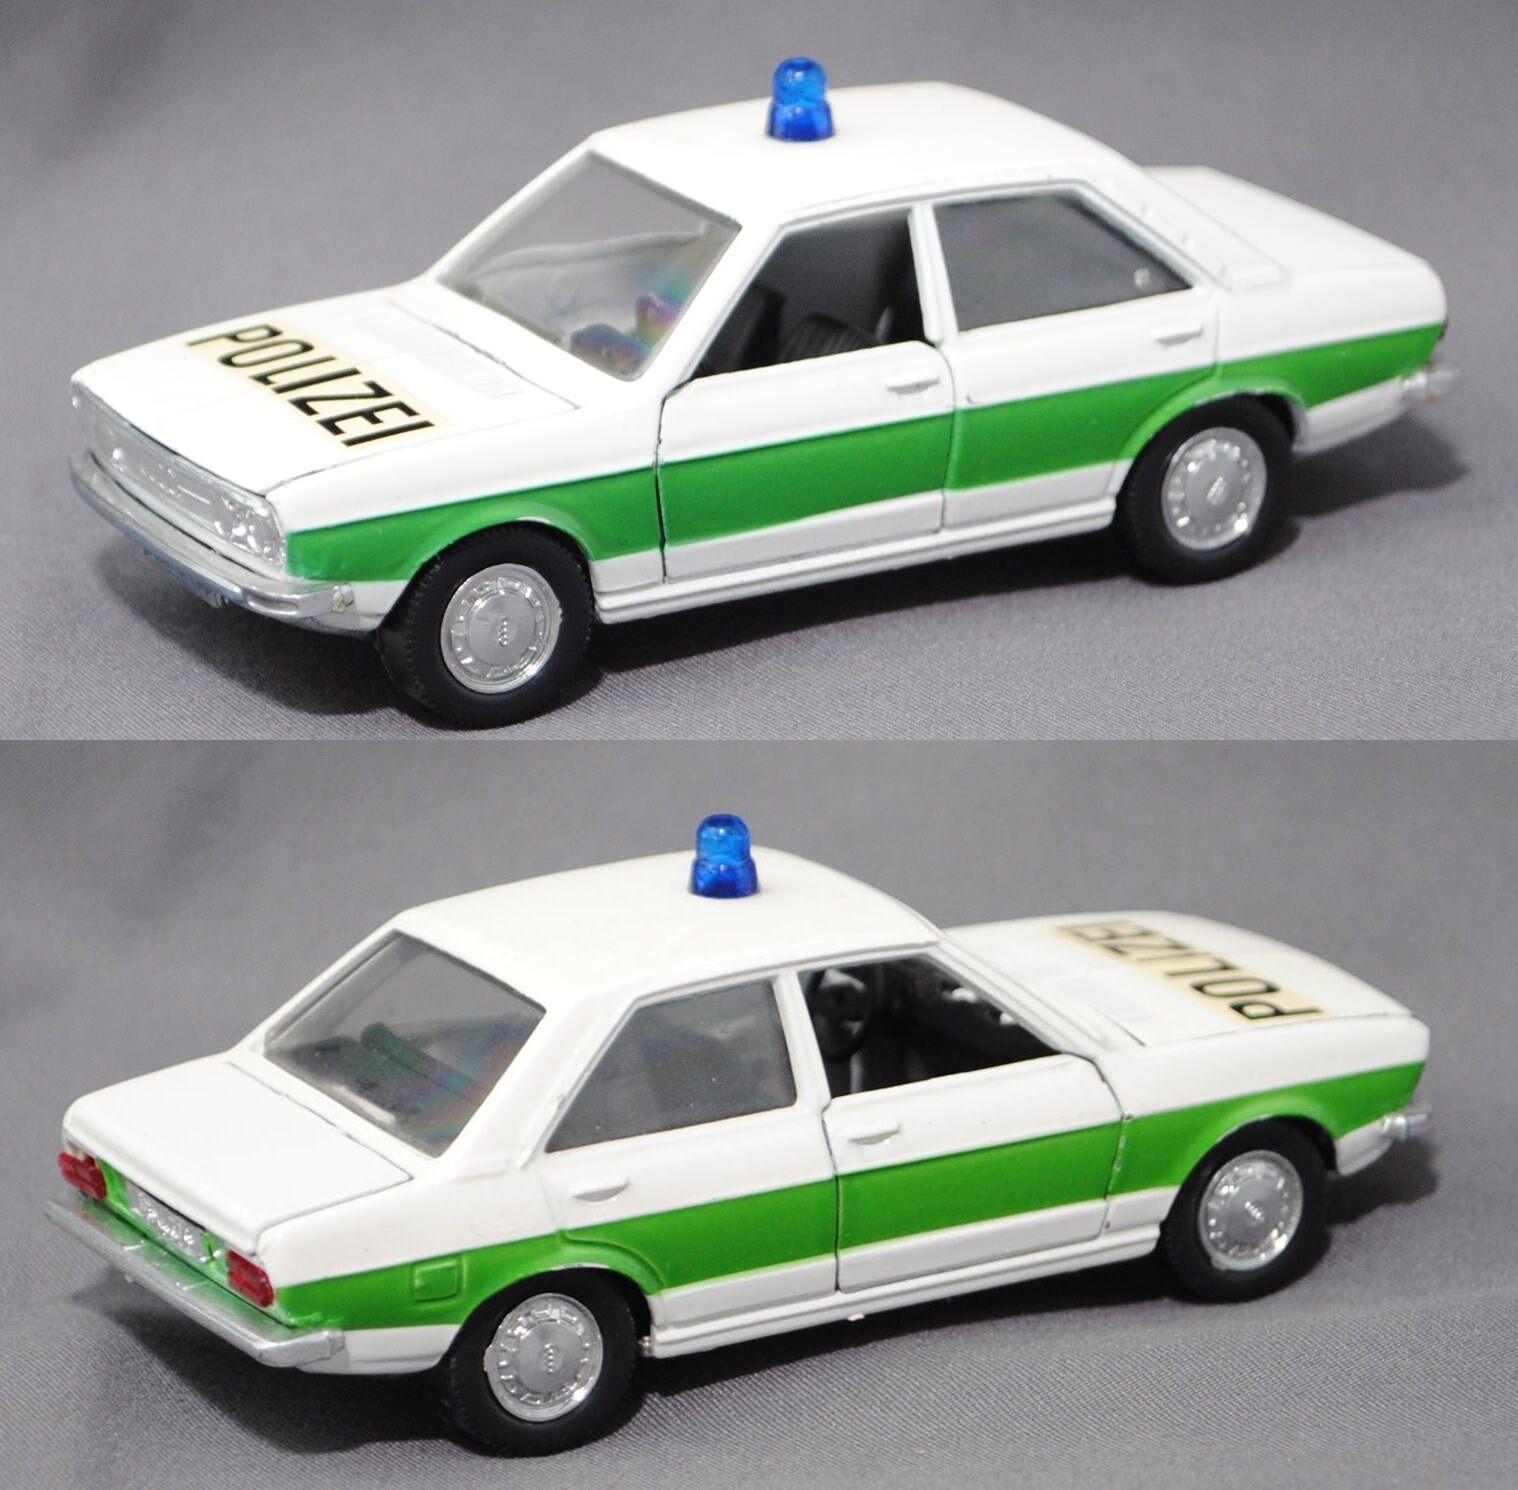 calidad fantástica Schuco 26-5634 audi 80 GL policía, modelo 1972-1976, 1 43 43 43  ¡No dudes! ¡Compra ahora!